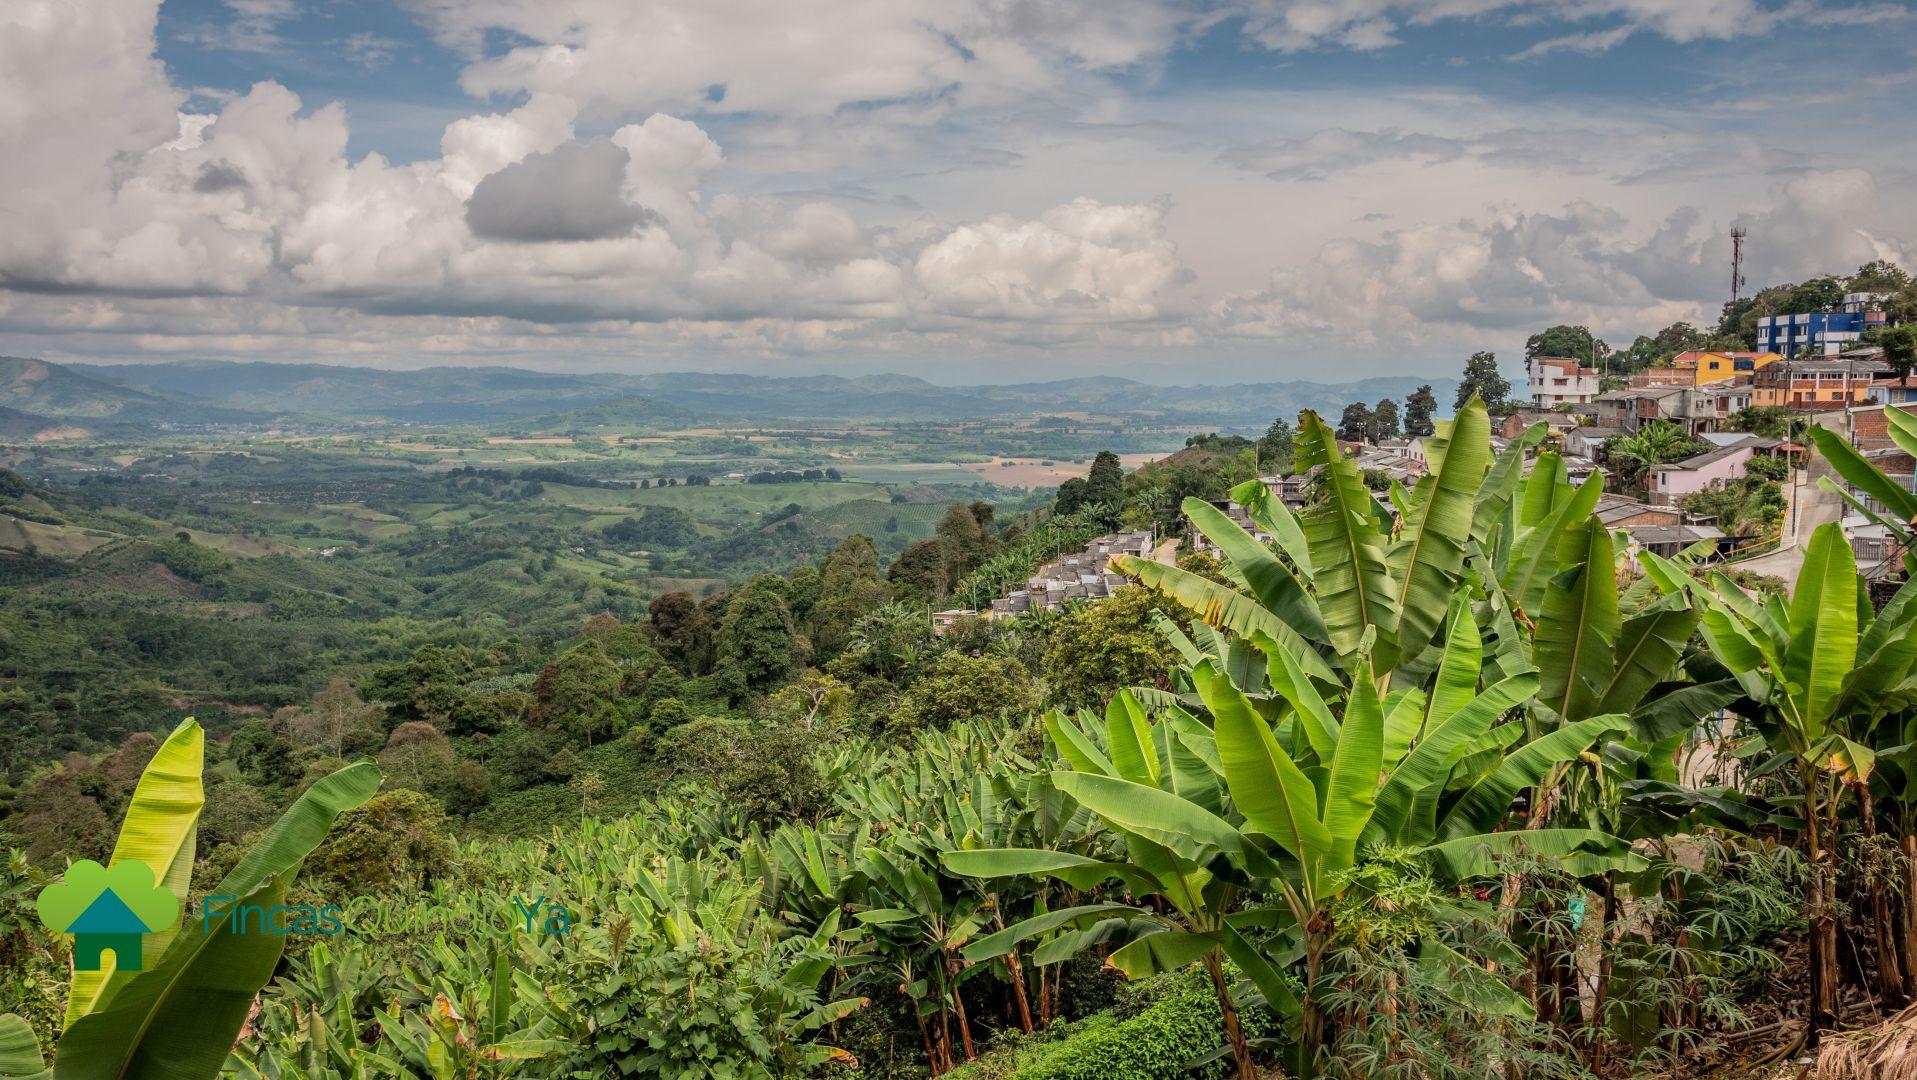 Foto del pueblo en un lado y al otro lado las montañas